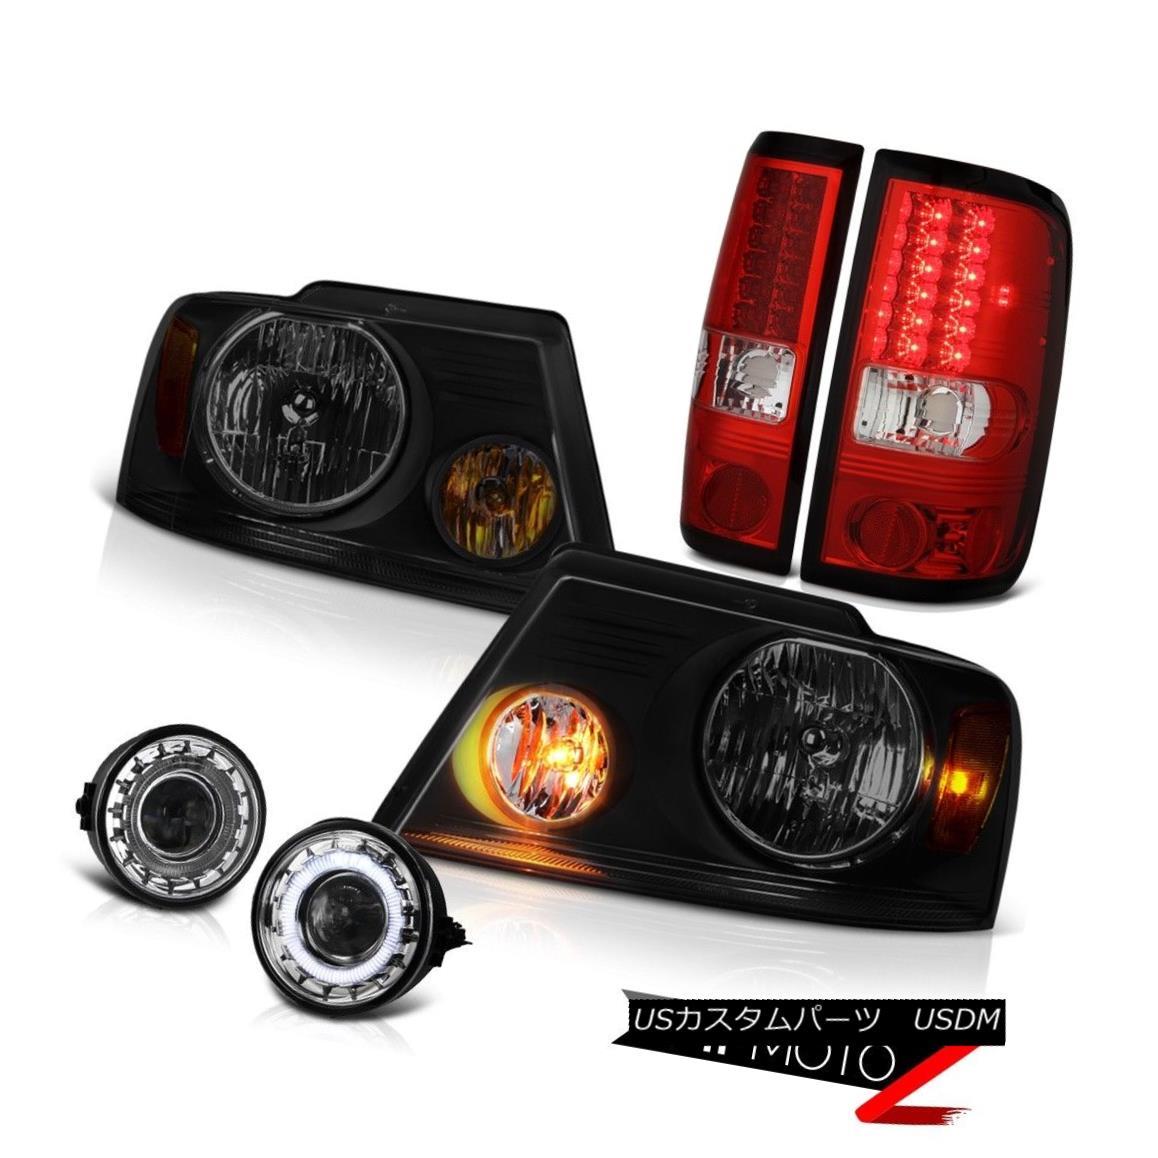 ヘッドライト 06-08 Ford F150 Lariat Fog Lights Headlamps Taillights OE Style SMD